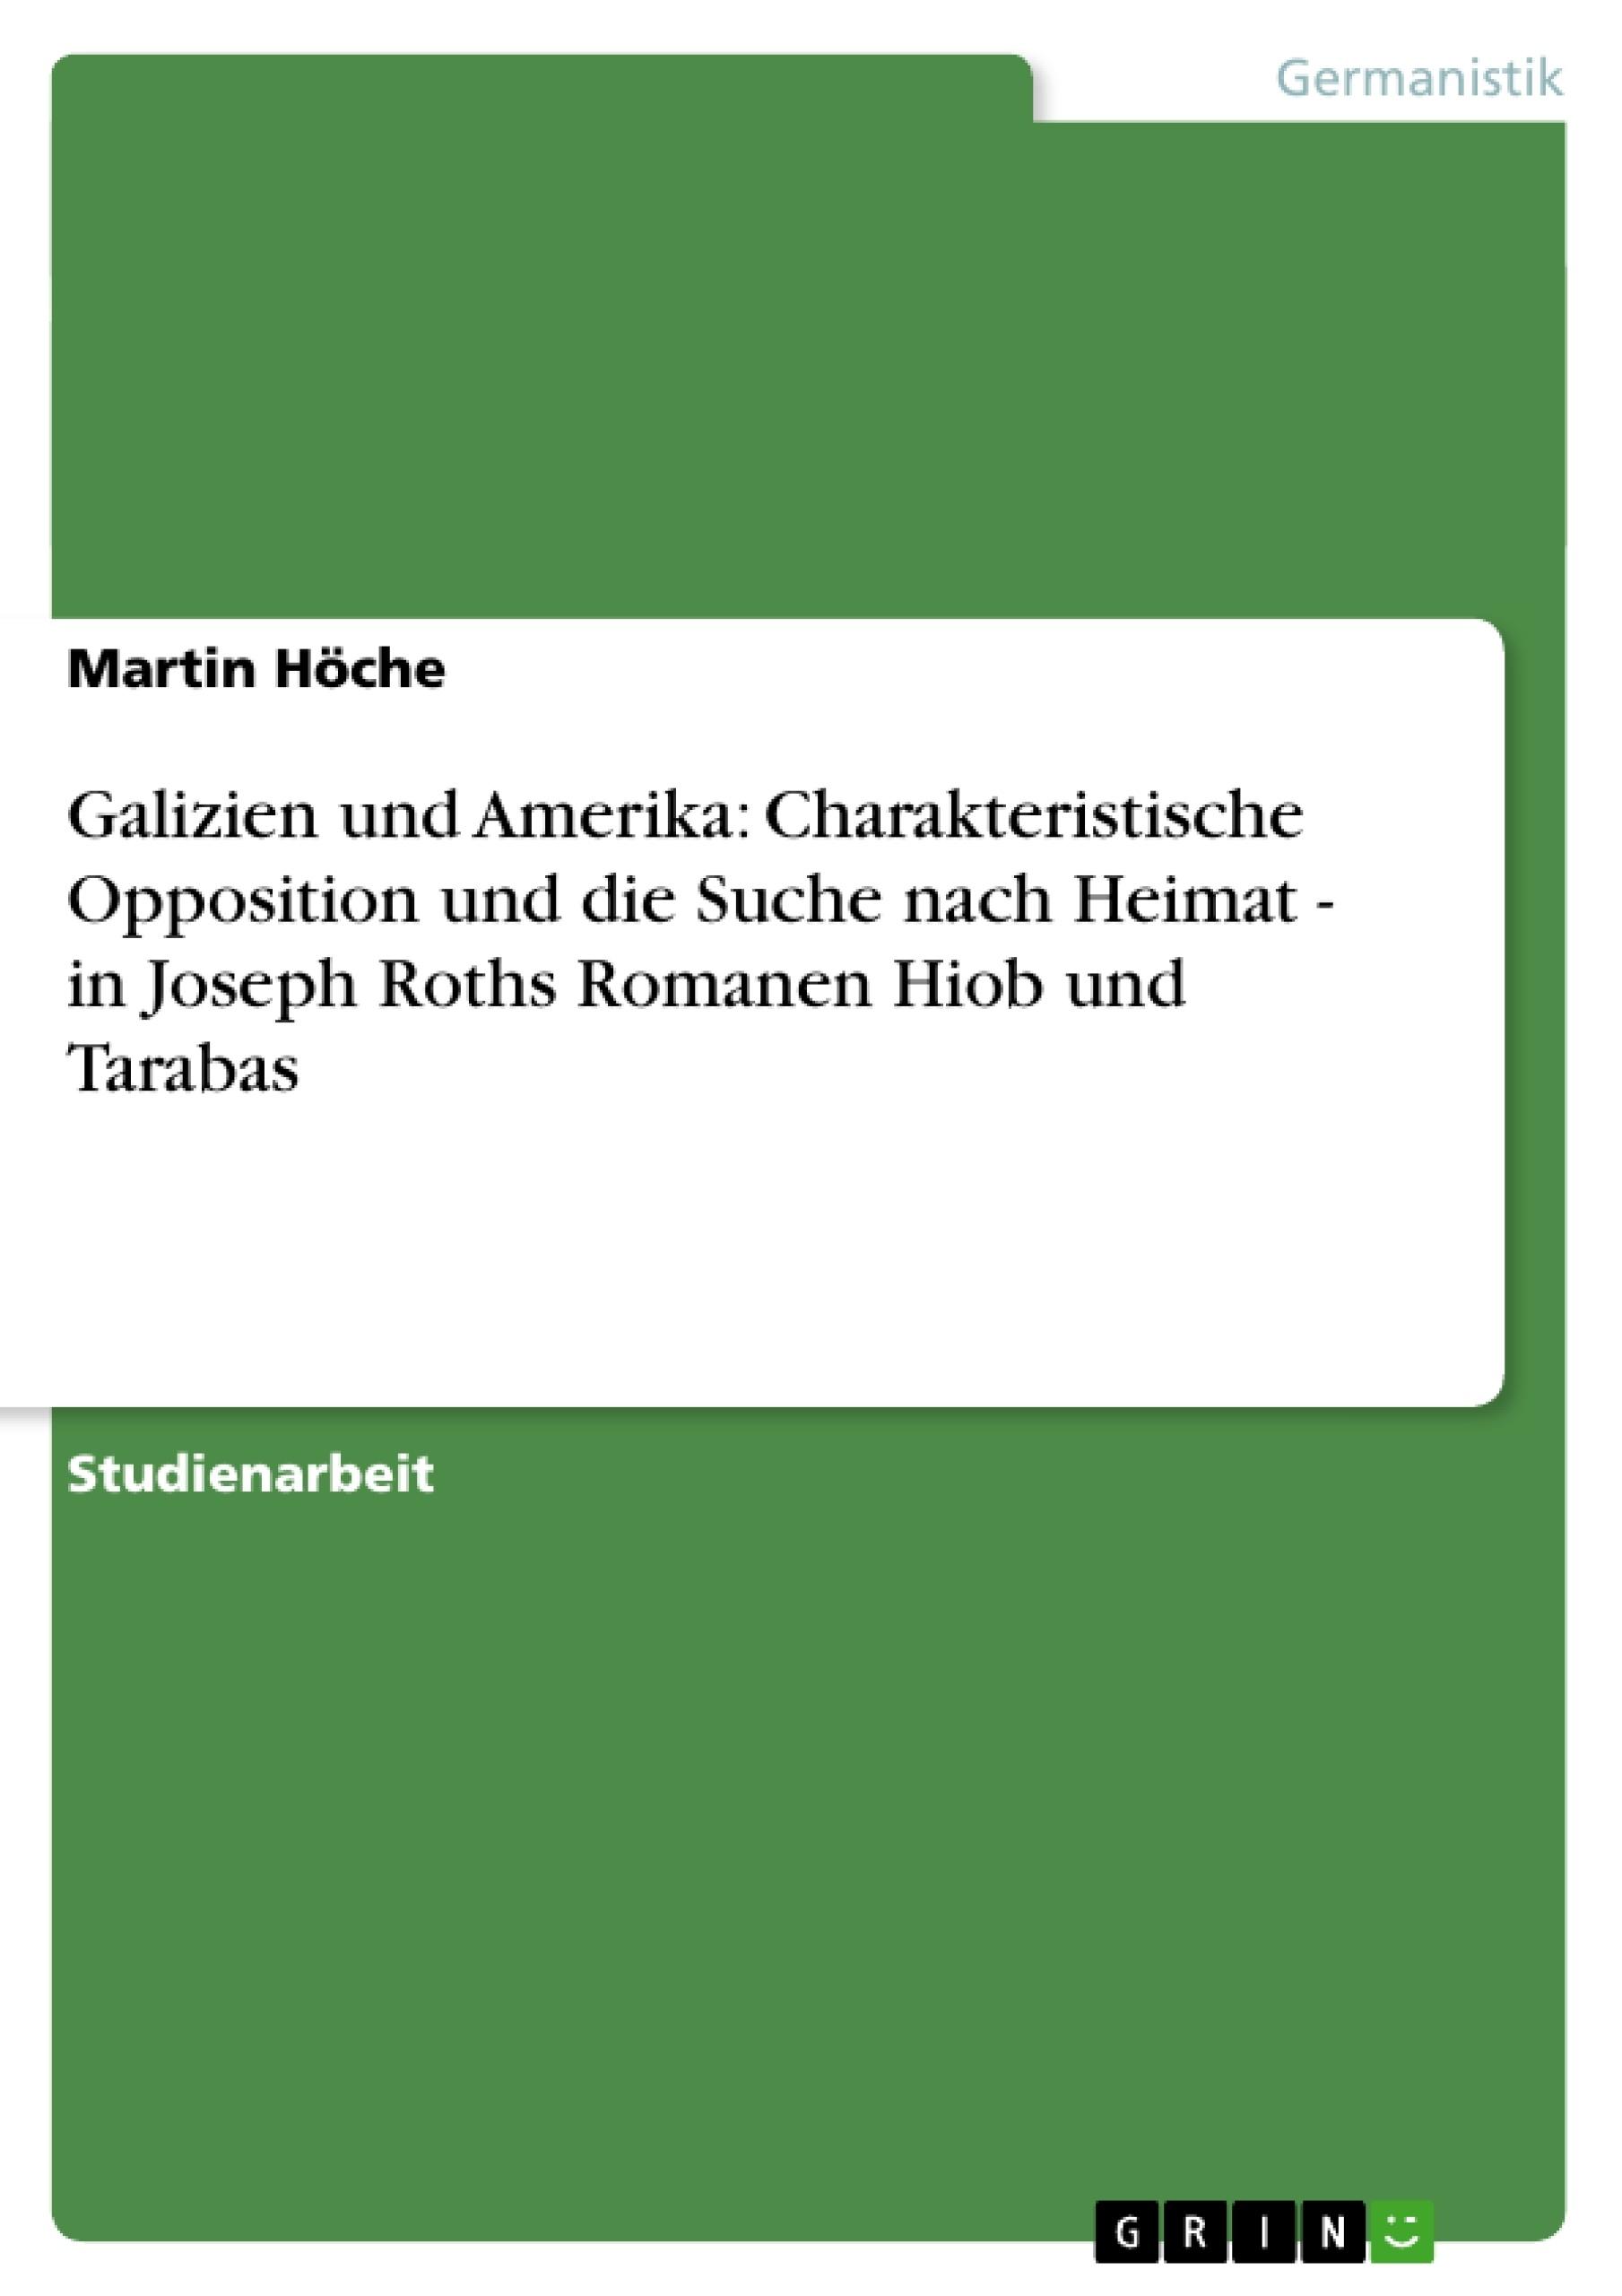 Titel: Galizien und Amerika: Charakteristische Opposition und die Suche nach Heimat - in Joseph Roths Romanen Hiob und Tarabas